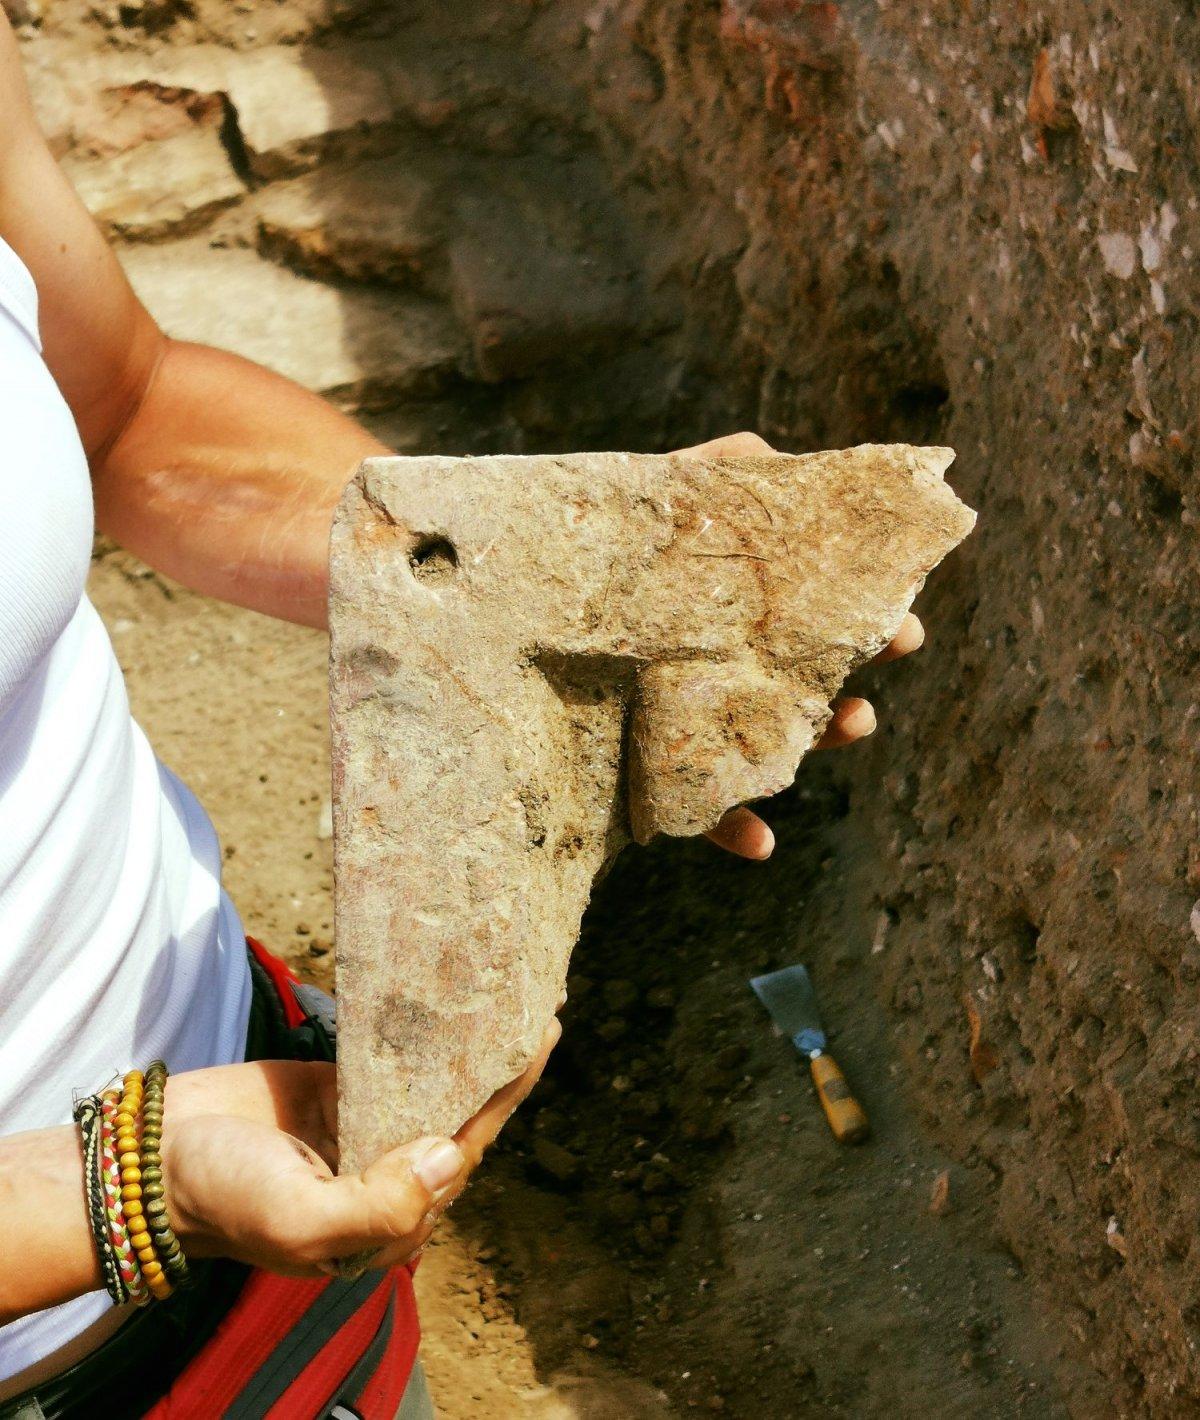 Az előkerült vörös maradvány-faragvány •  Fotó: Az egresi ásatási projekt fotóarchívuma